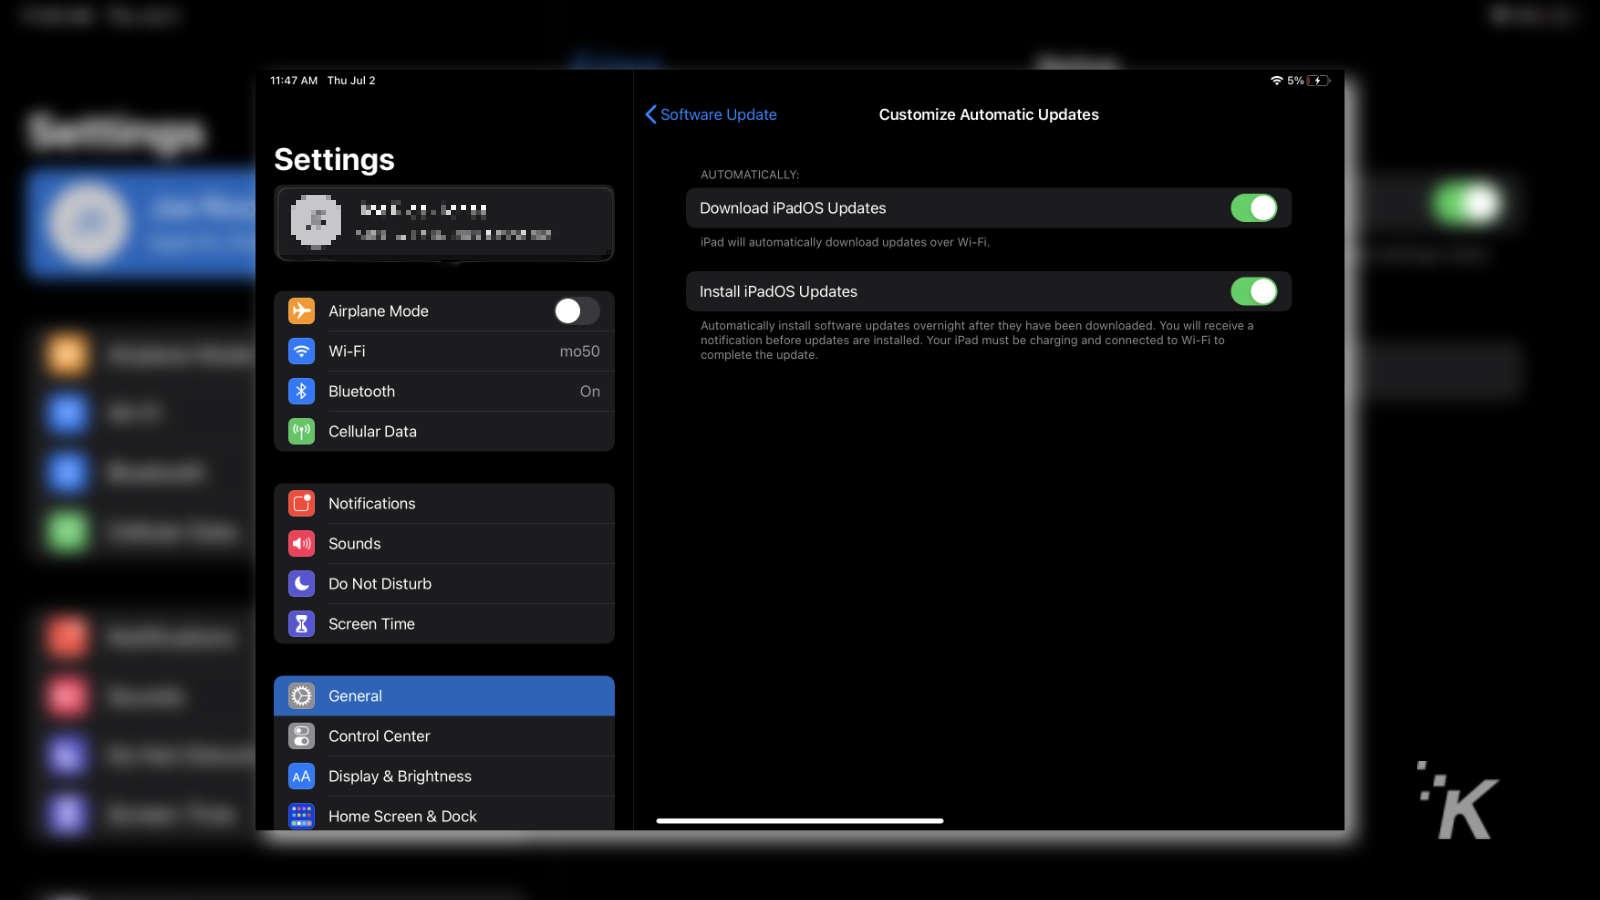 ipad update settings menu